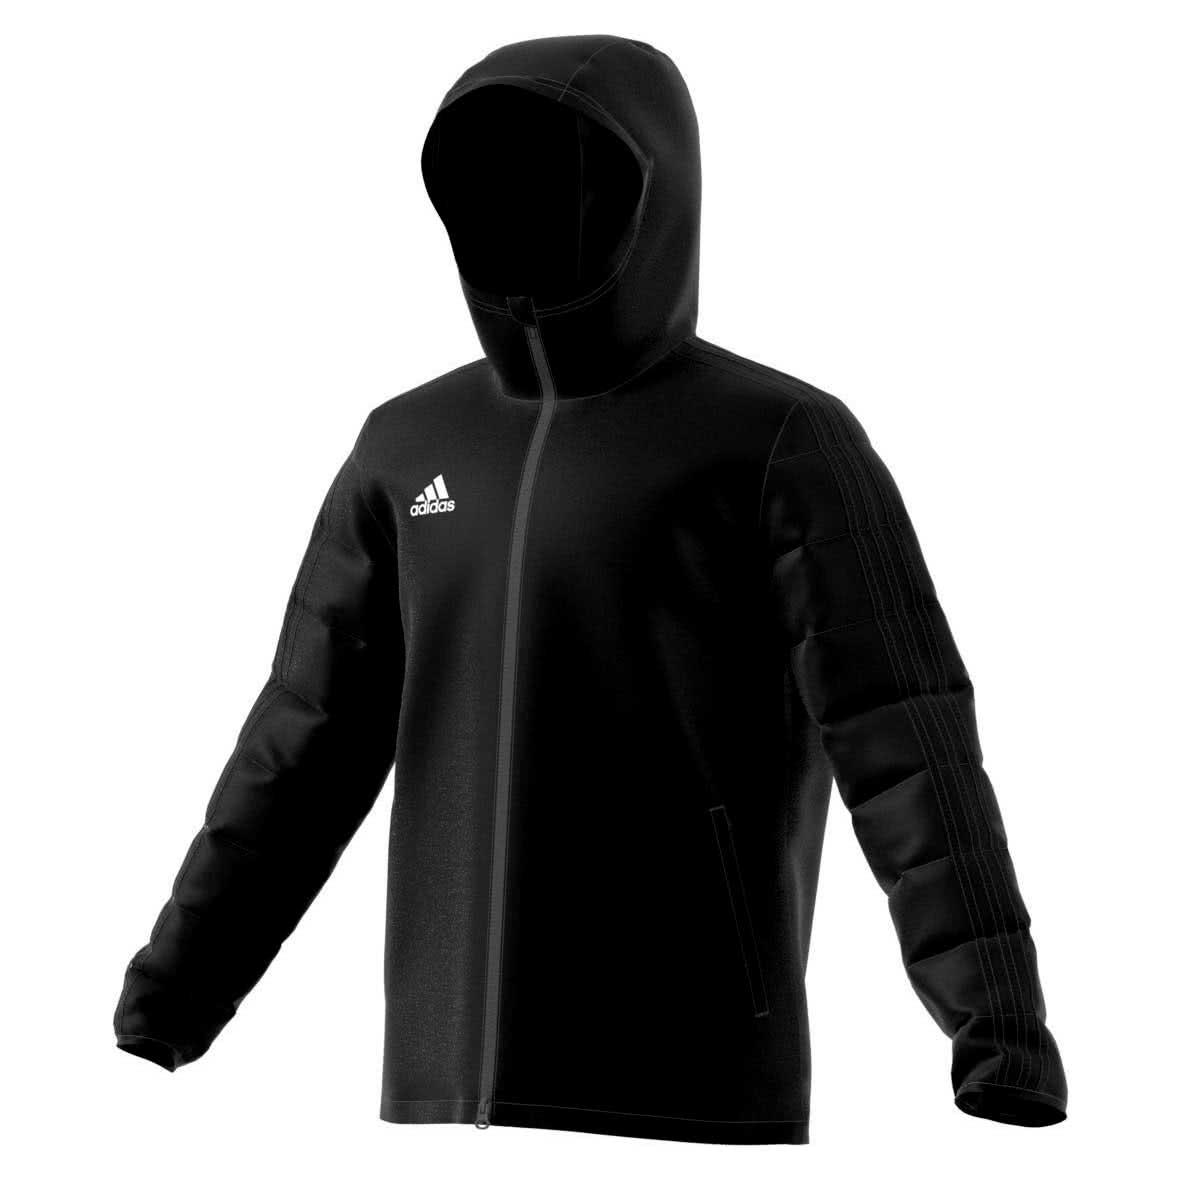 Adidas CONDIVO 18 Winter Jacket Winterjacke schwarz weiß Kinder